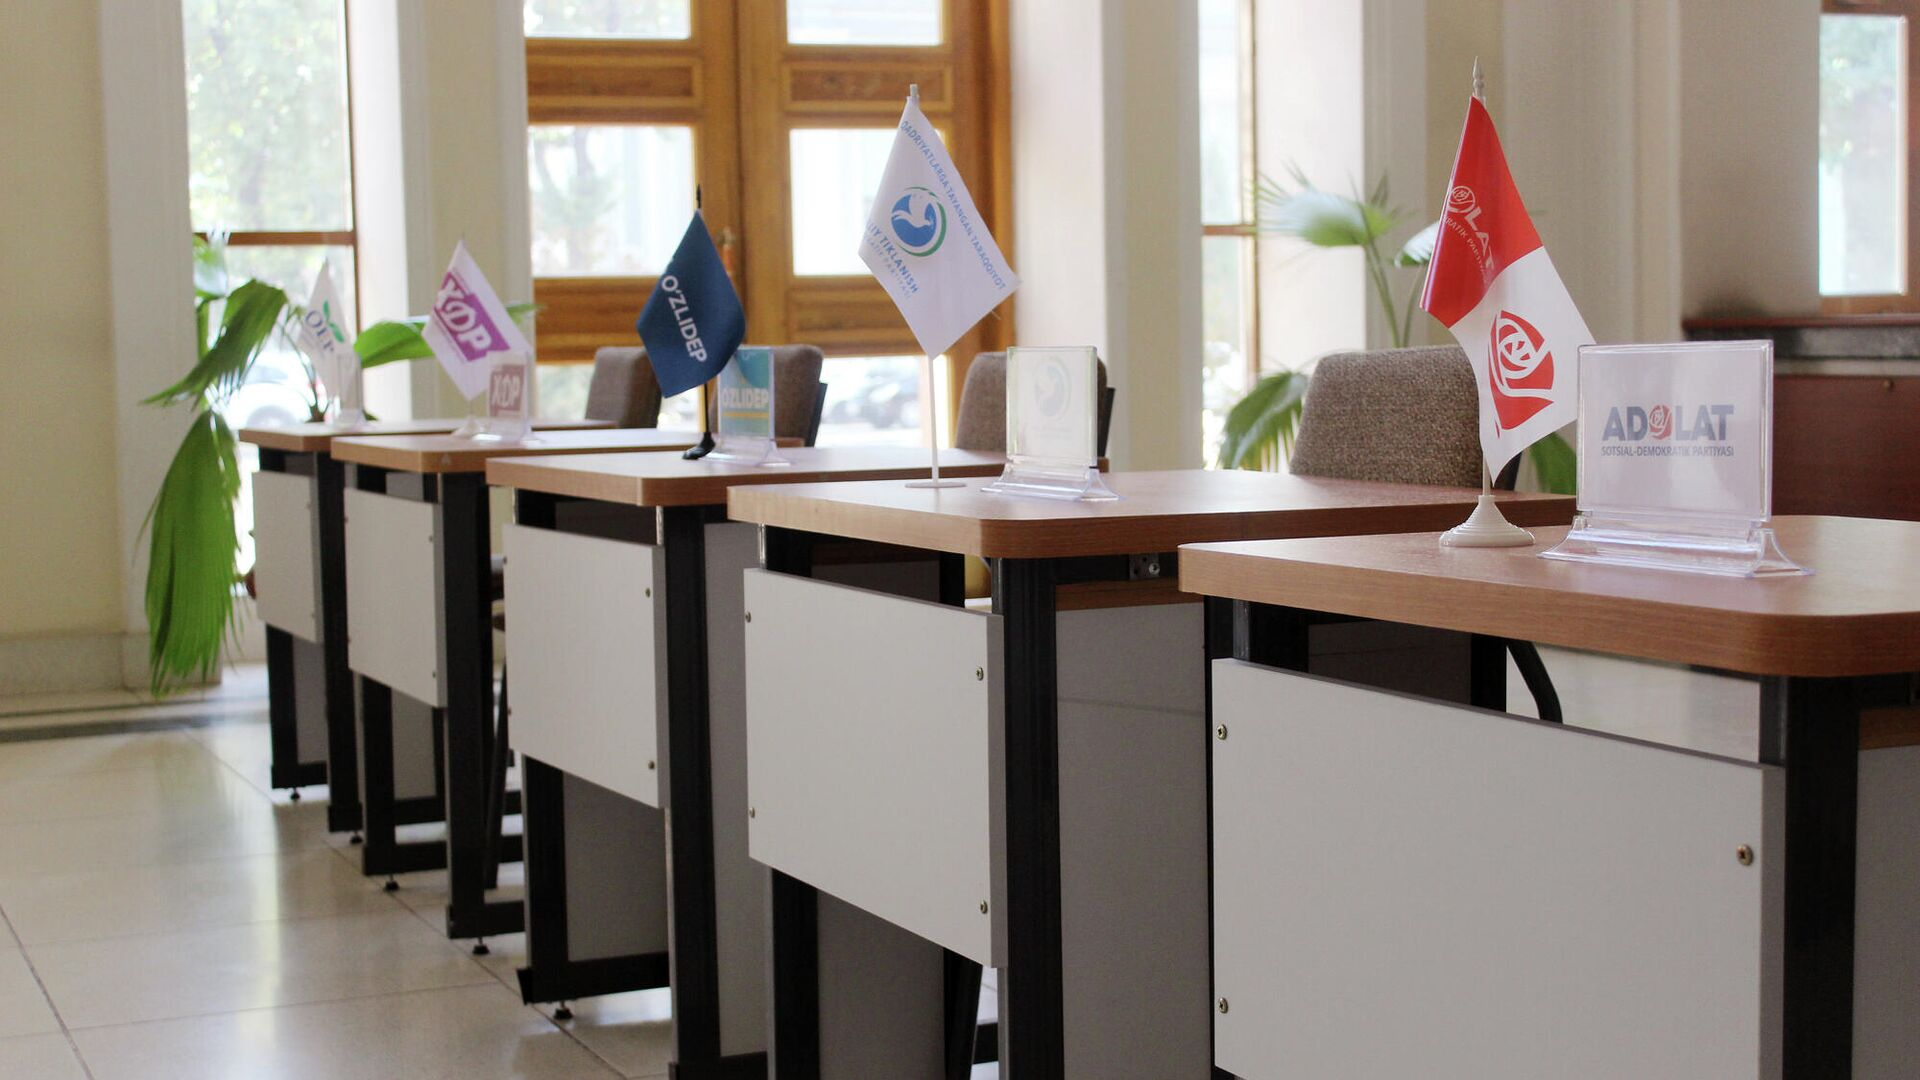 Избирательный участок в Ташкенте - Sputnik Узбекистан, 1920, 14.10.2021